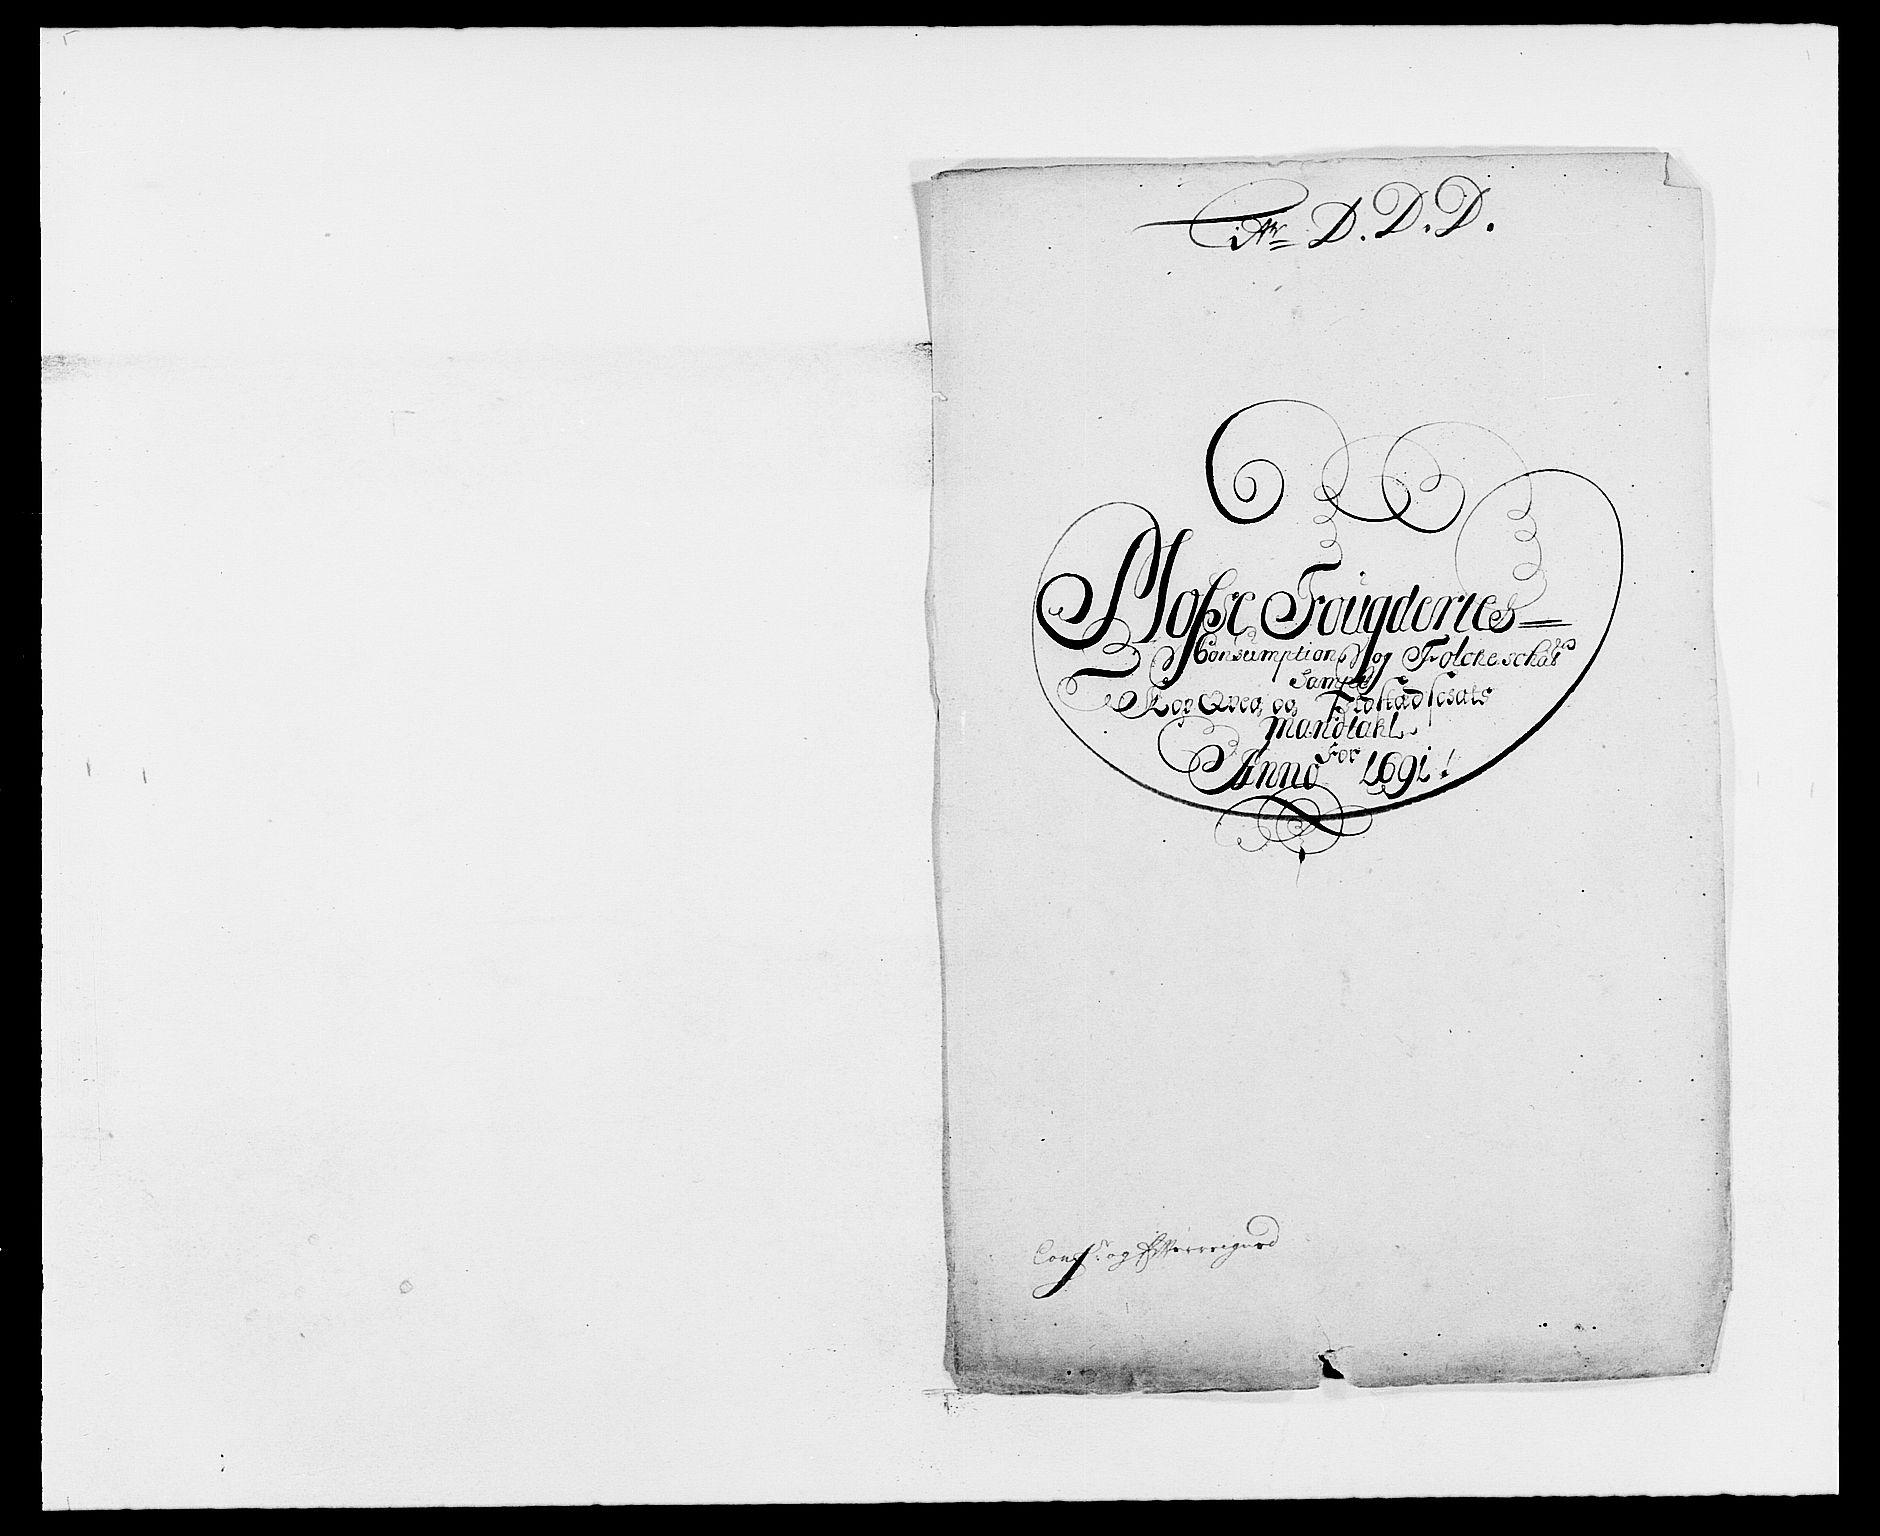 RA, Rentekammeret inntil 1814, Reviderte regnskaper, Fogderegnskap, R02/L0106: Fogderegnskap Moss og Verne kloster, 1688-1691, s. 553